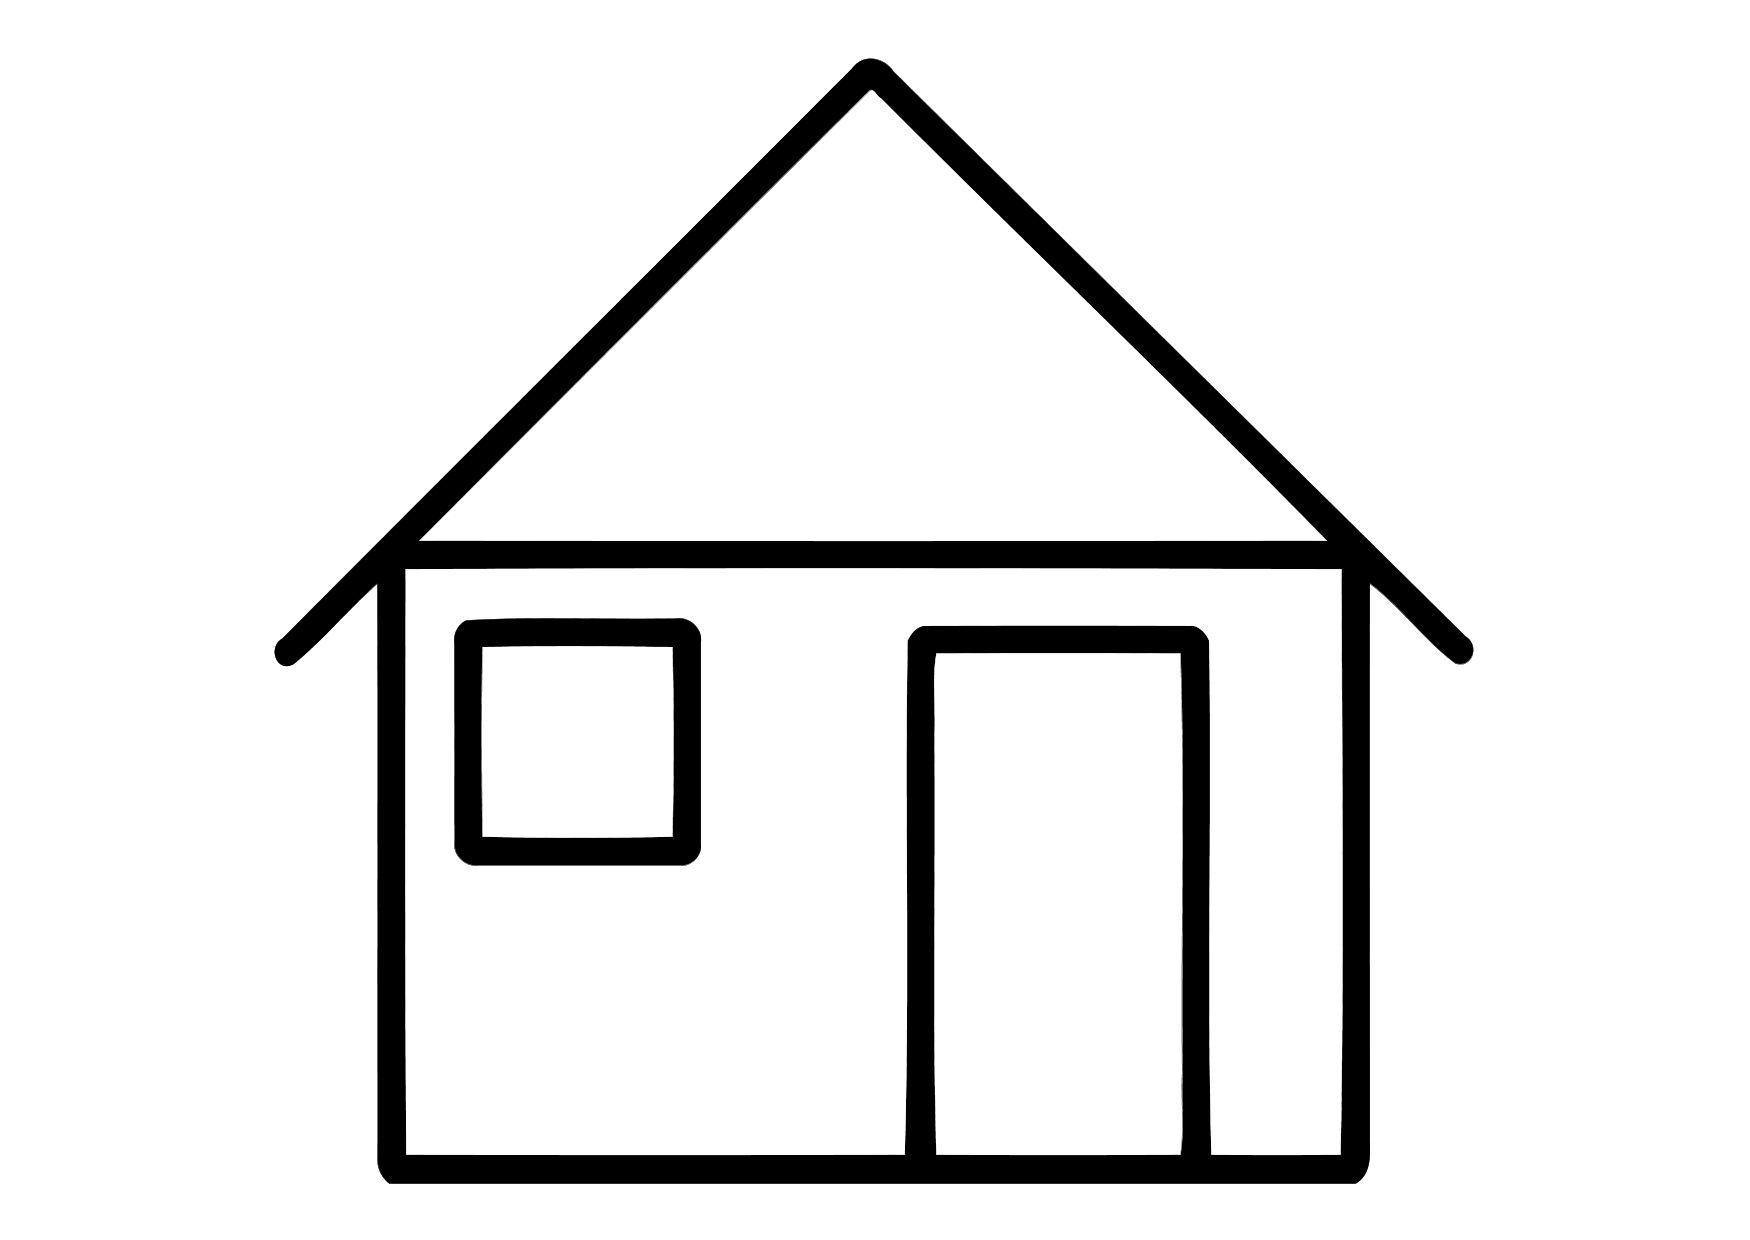 disegno da colorare casa cat 11324